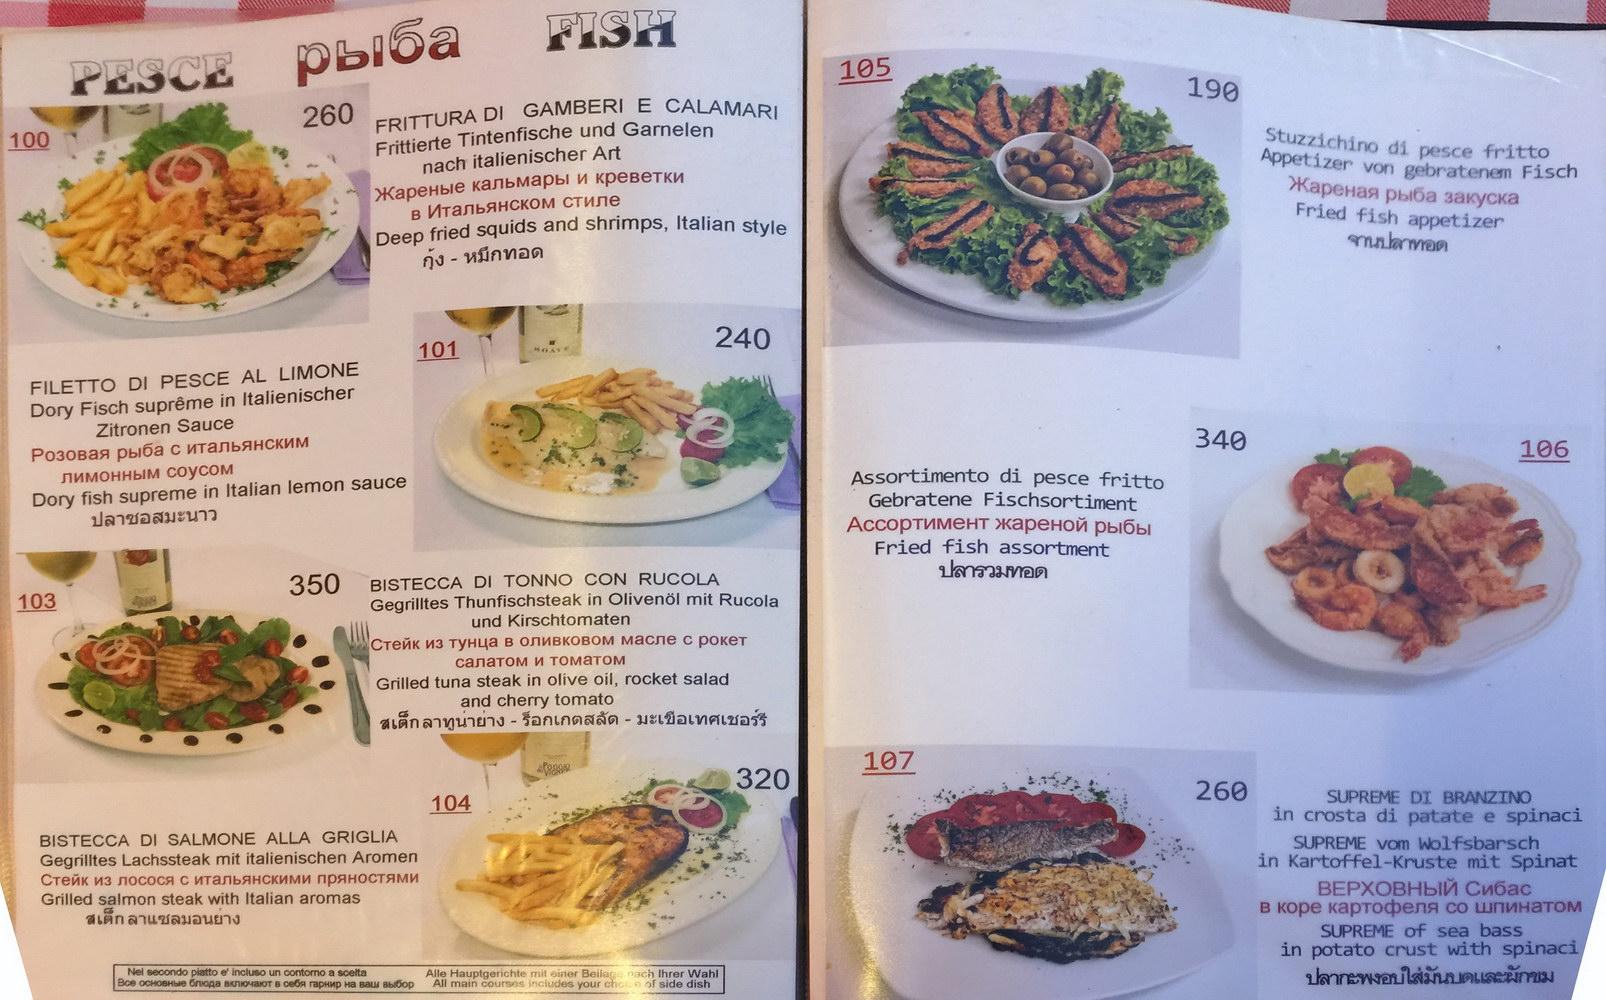 Fischgerichte Menü Grottino Restaurant Naklua (Auswahl)